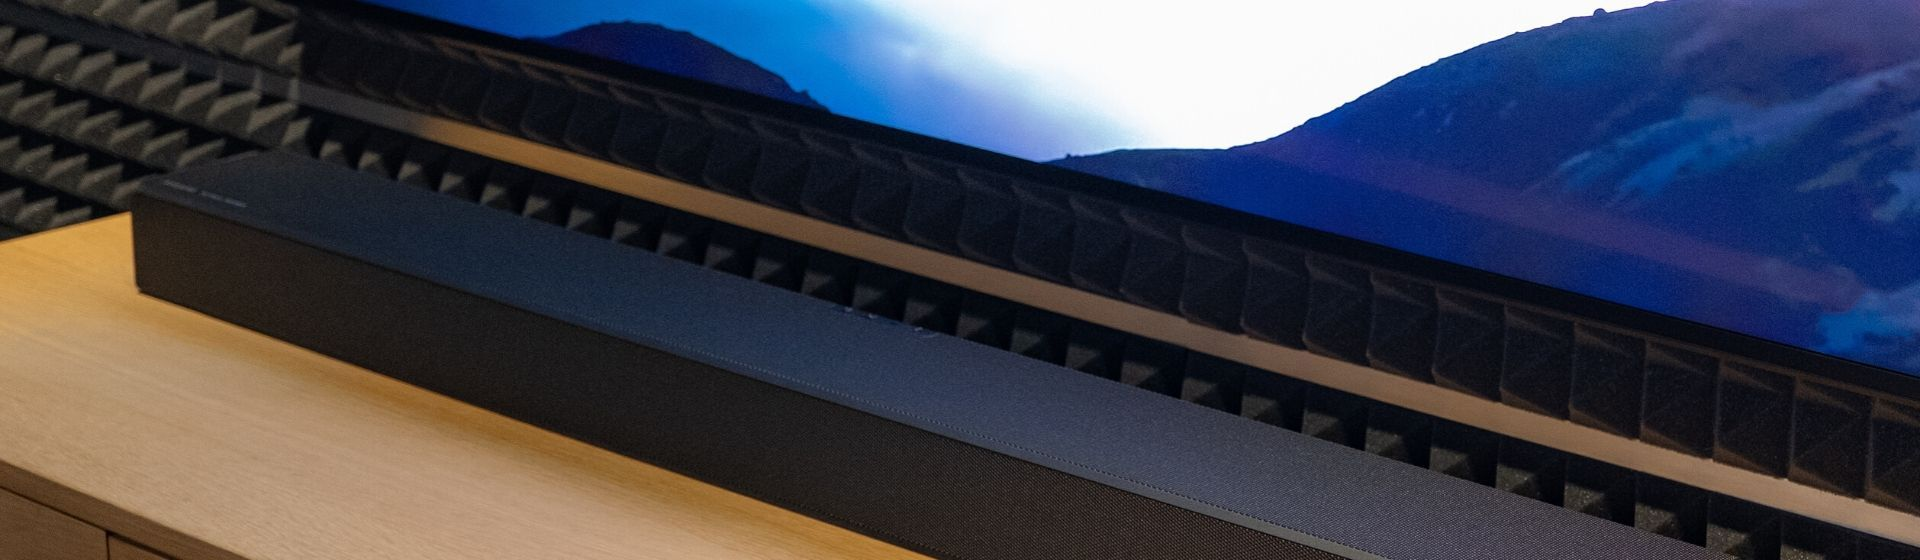 Melhor Soundbar 2020: modelo da Samsung lidera a nossa lista!